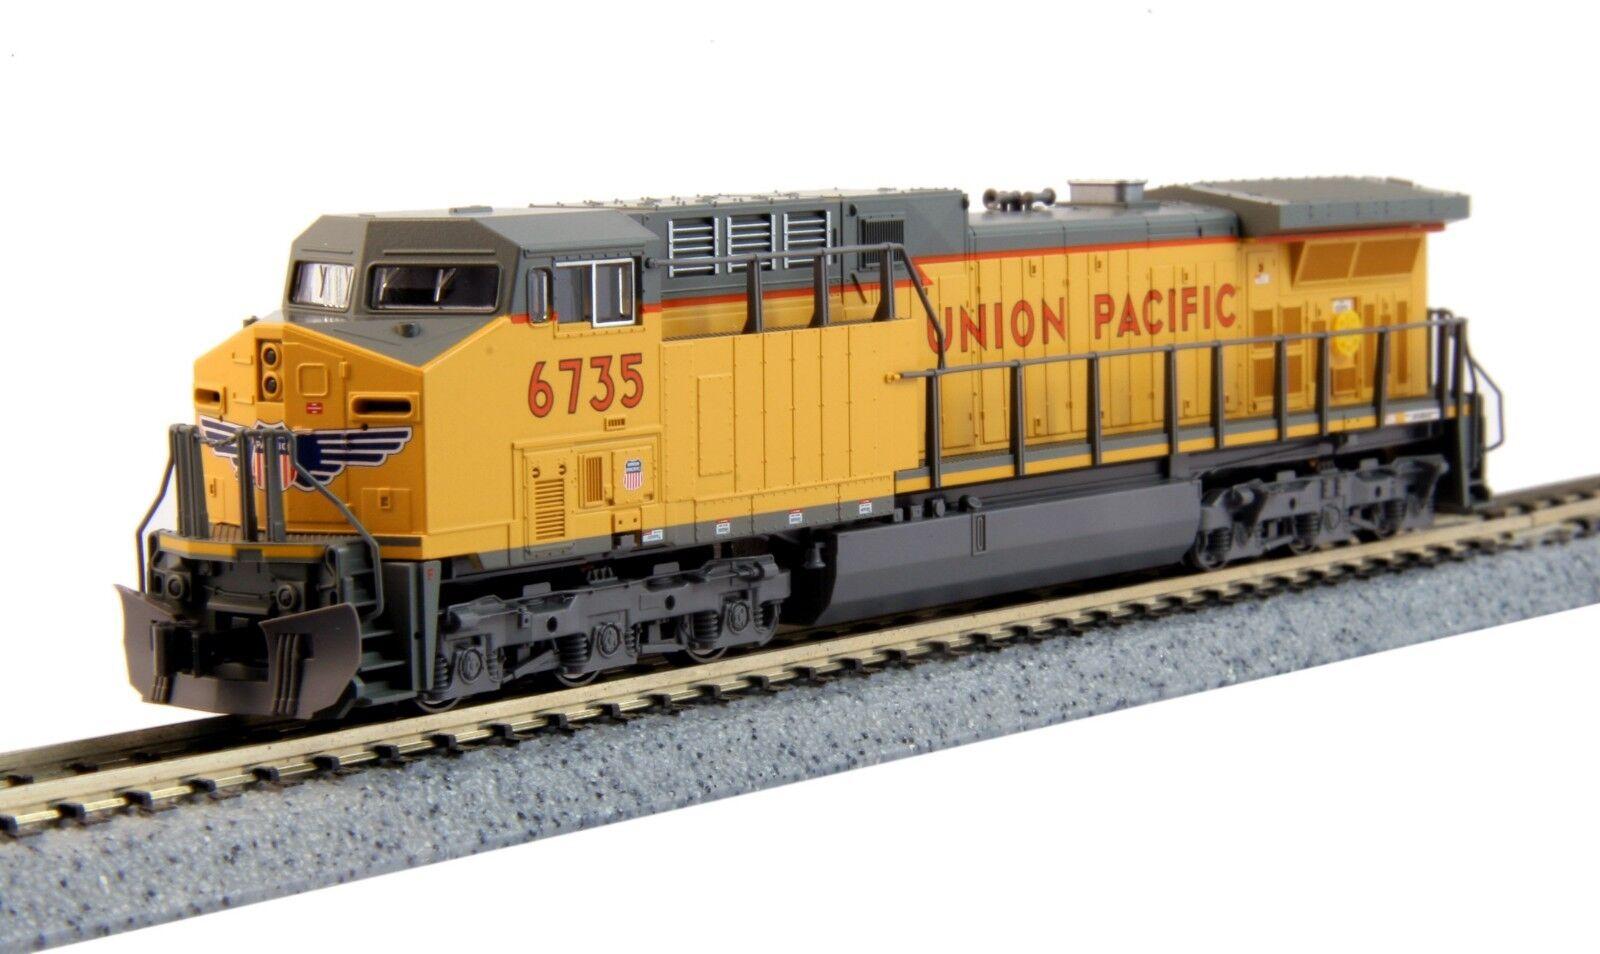 Escala N AC4400CW Loco-Union Pacific Perno de iluminación 6717 - Kato 176-7037